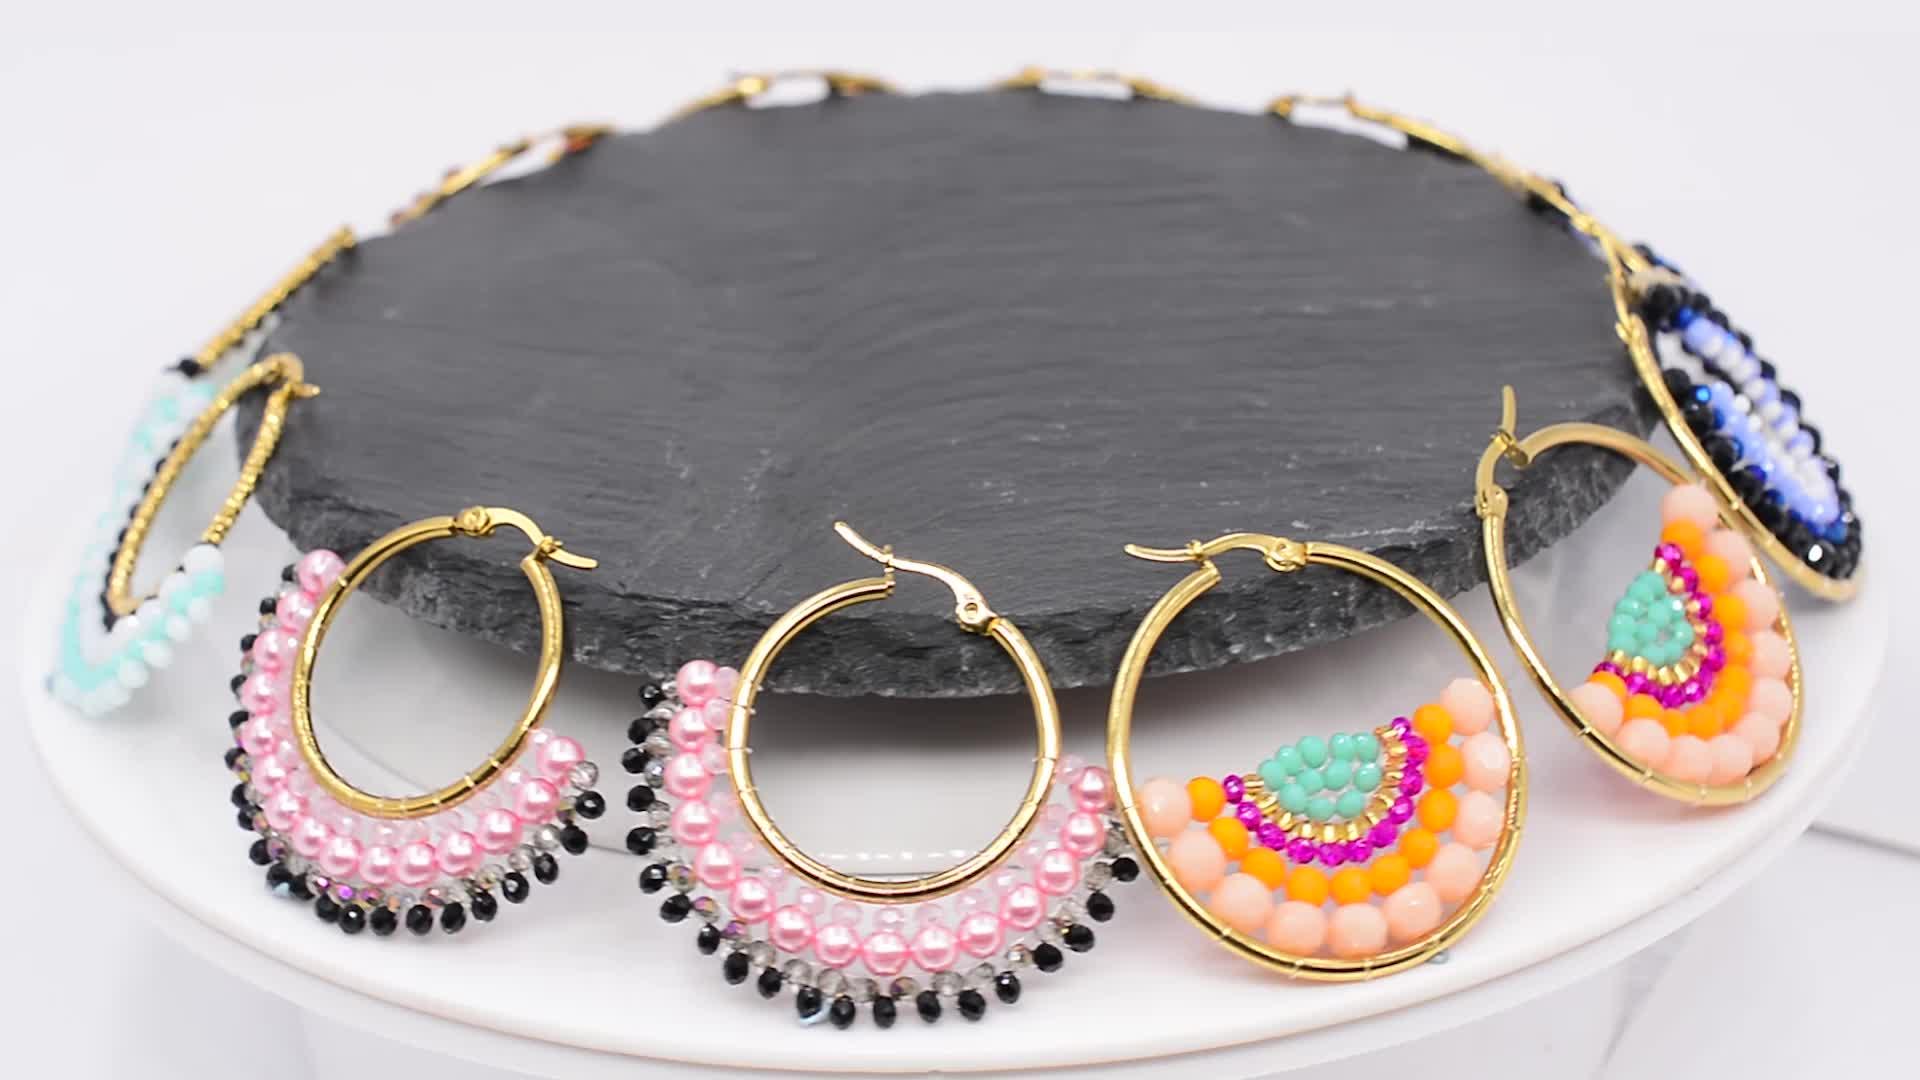 Modalen Custom handmade Stainless Steel Round Hoop Seed Bead Earring Jewelry